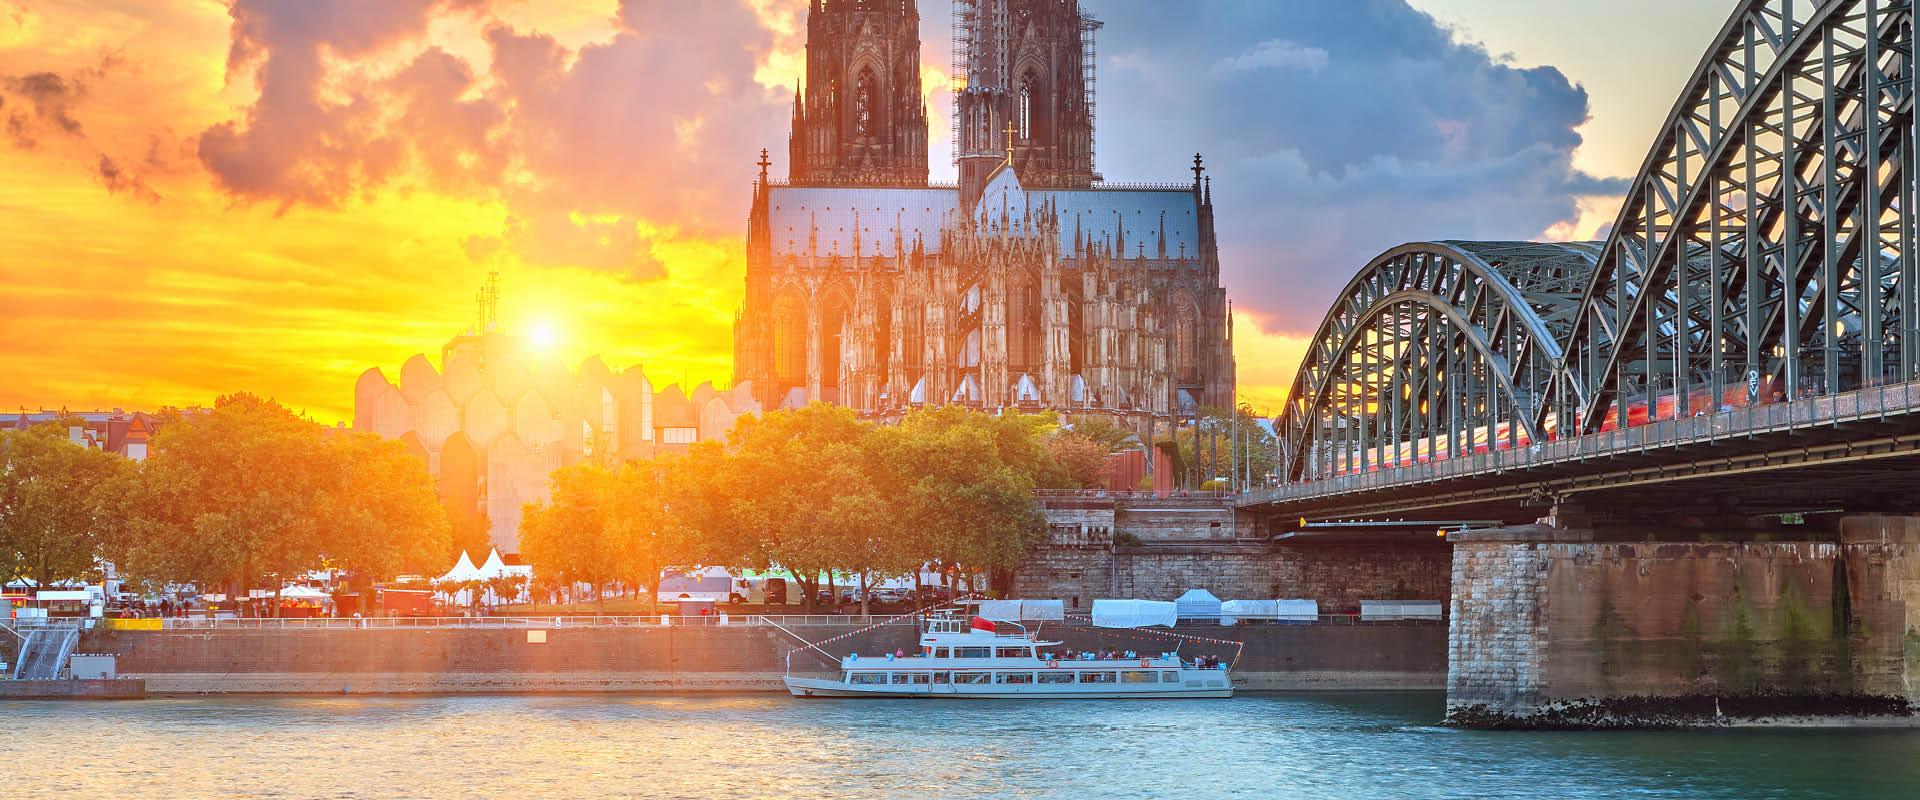 10 Amazing Cruise Holidays For Autumn